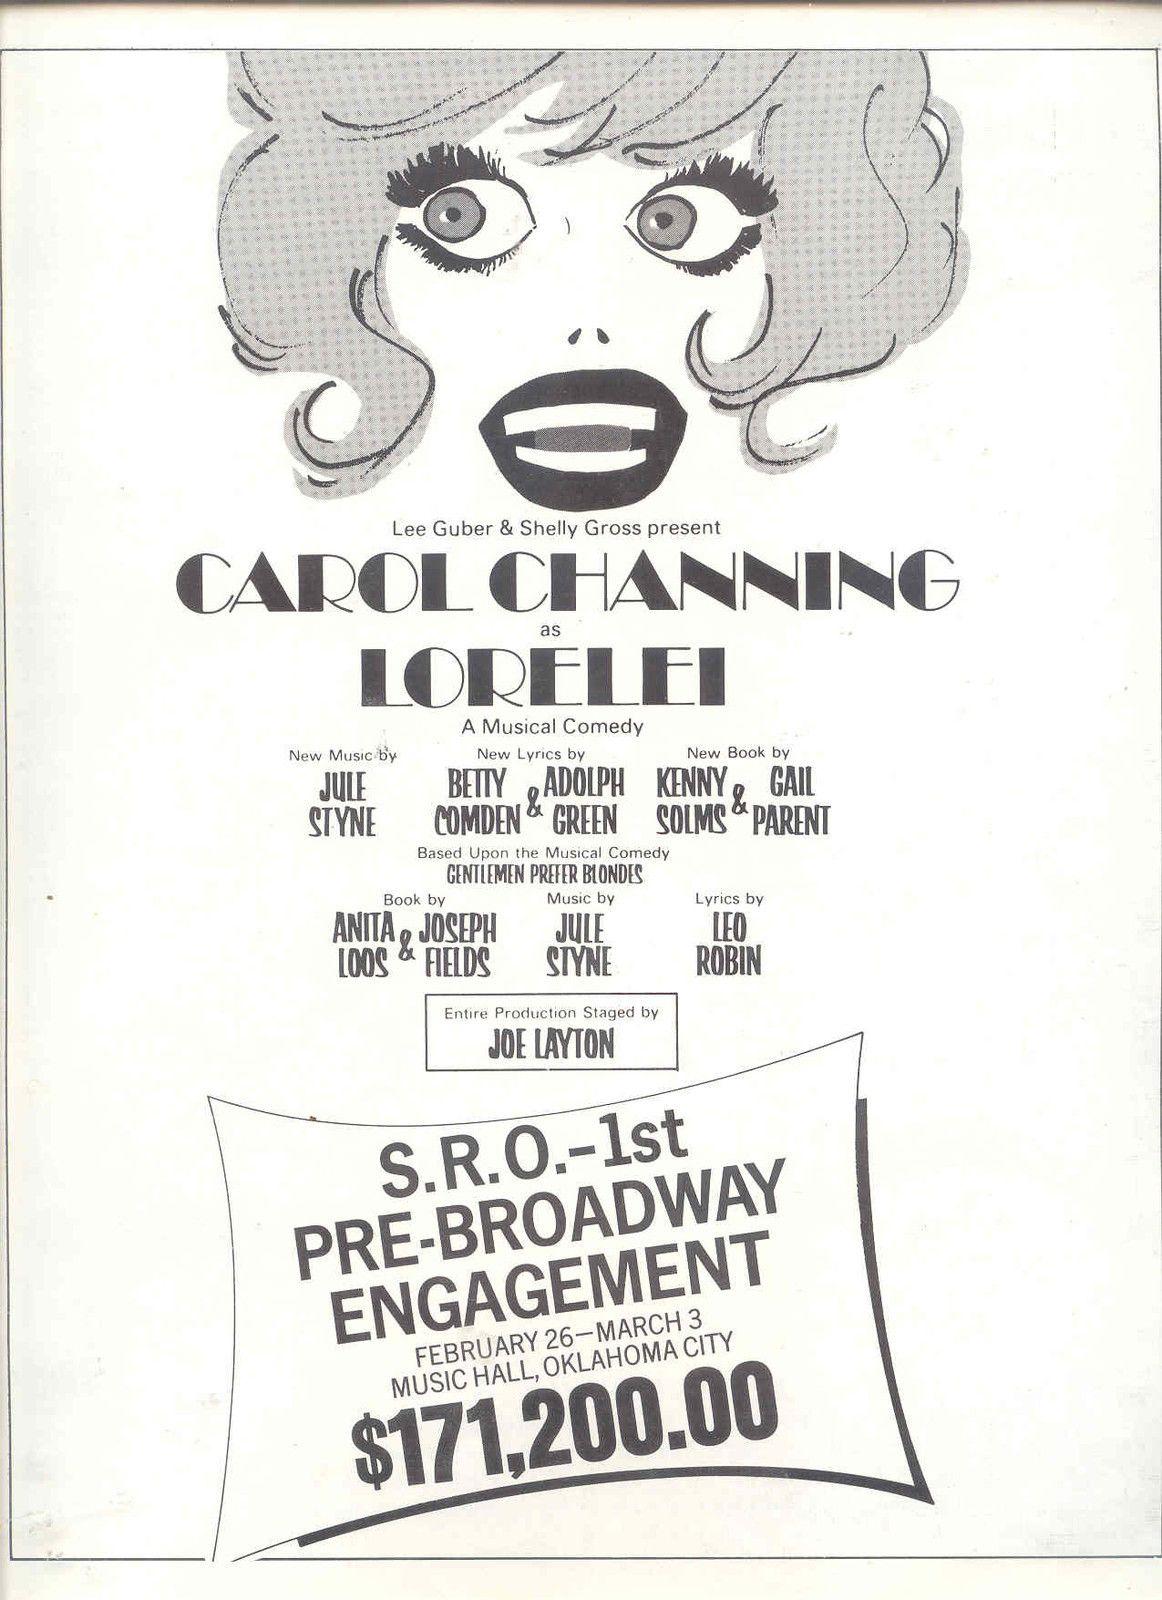 Carol Channing Lorelei S R O